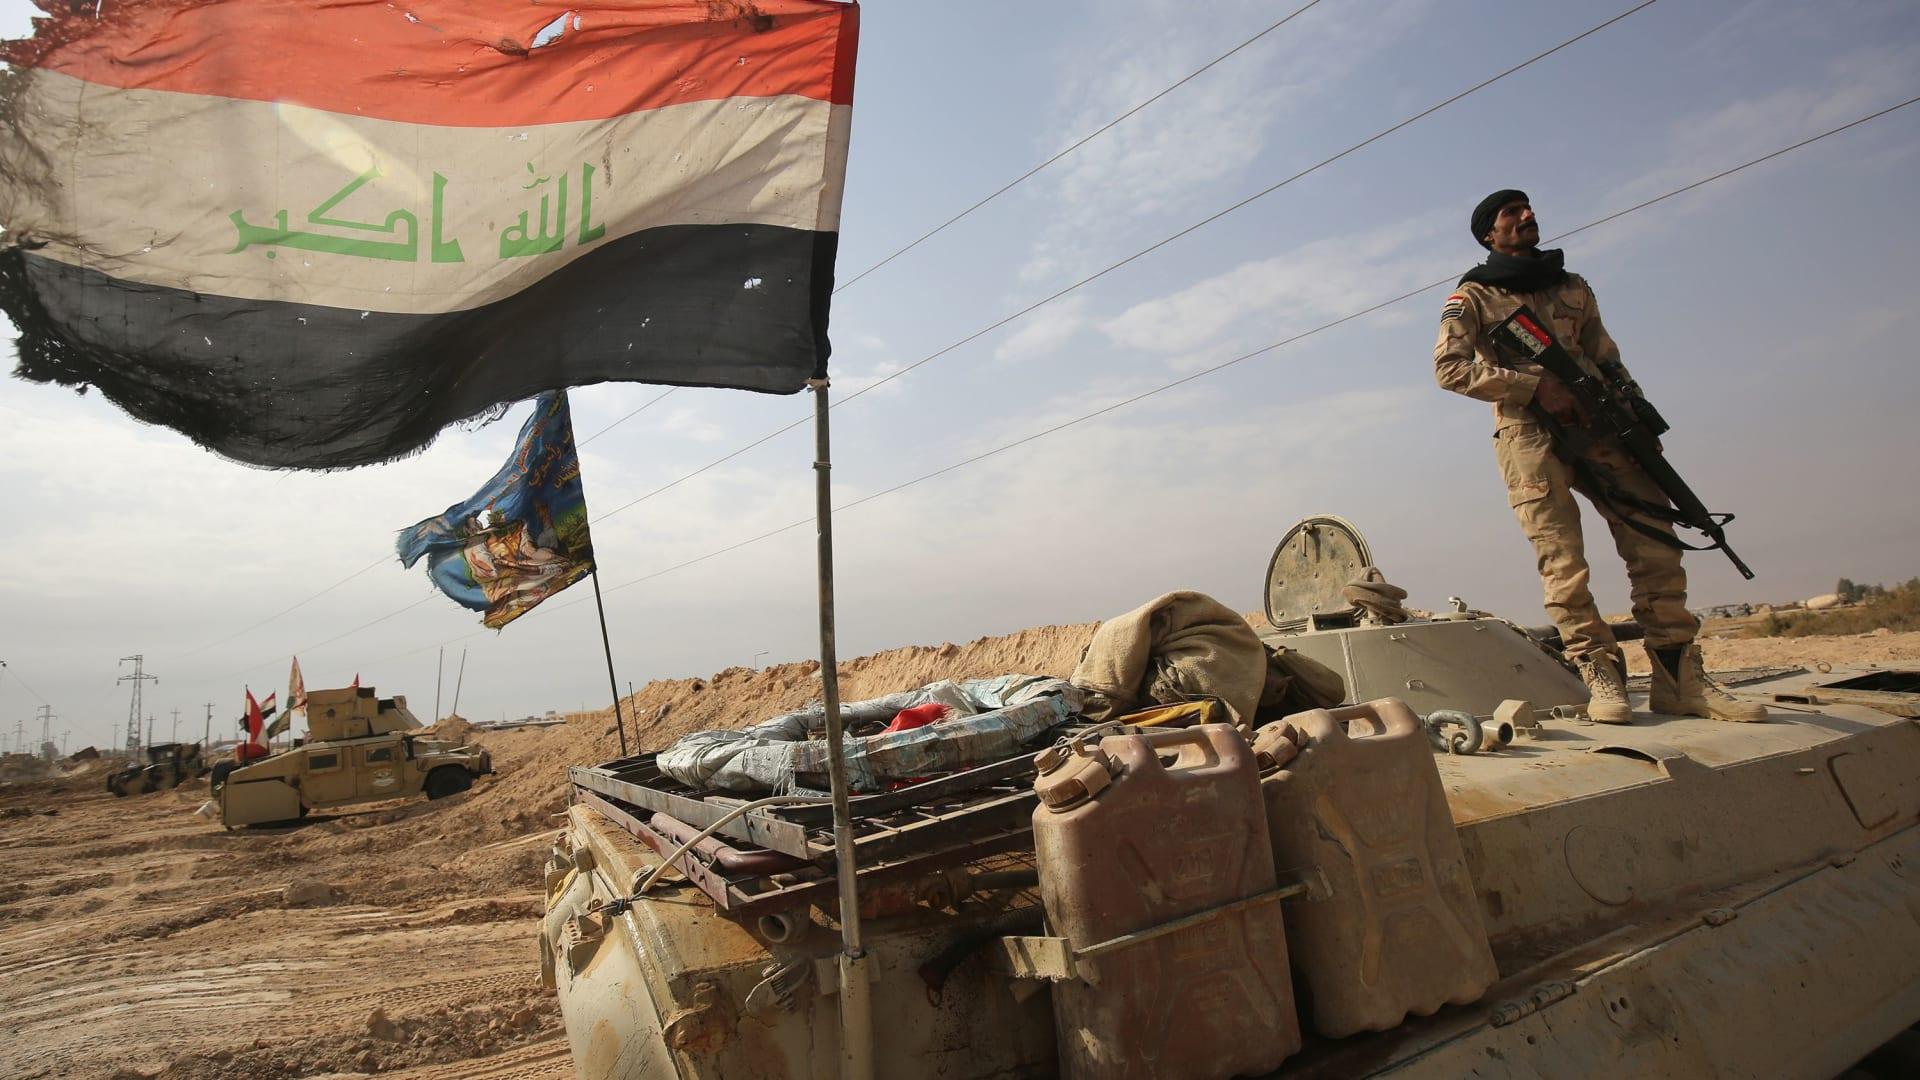 العراق يعلن انتصاره على داعش.. لكن هل انتهى تأثير التنظيم فعلياً؟